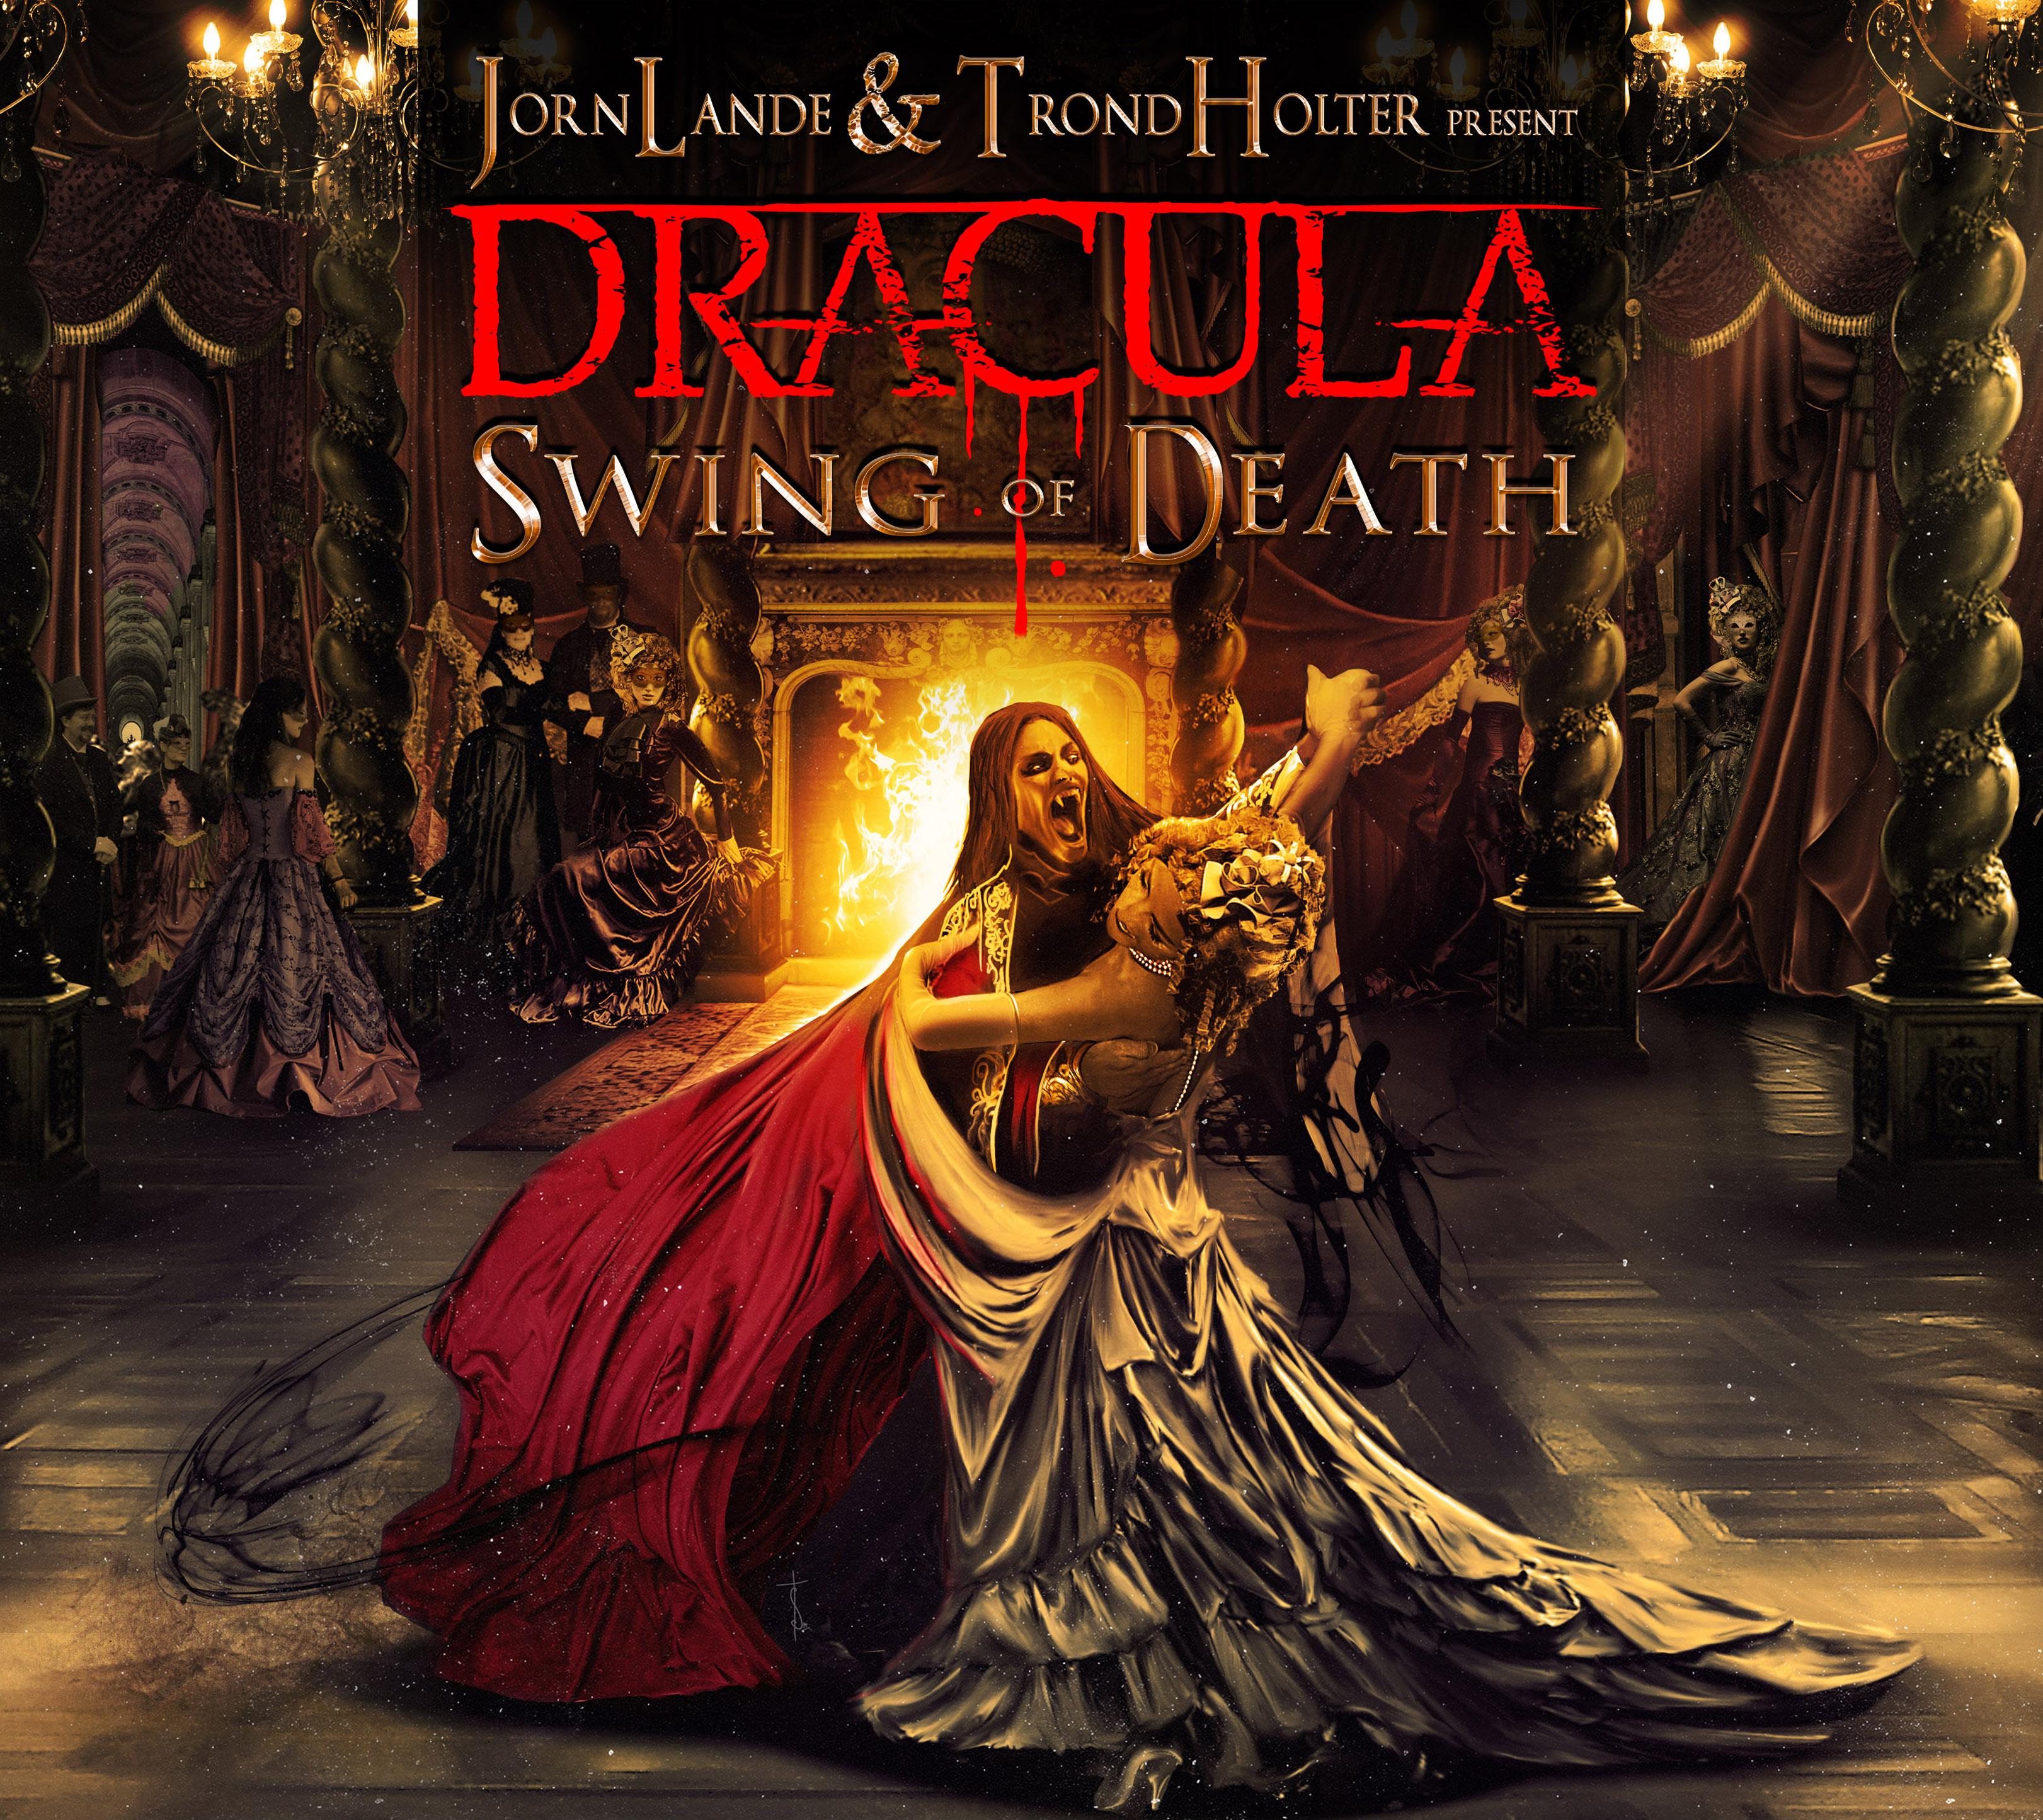 Alben der Woche 23.01.15 - Jorn Lande & Trond Holter Present DRACULA - SWING OF DEATH